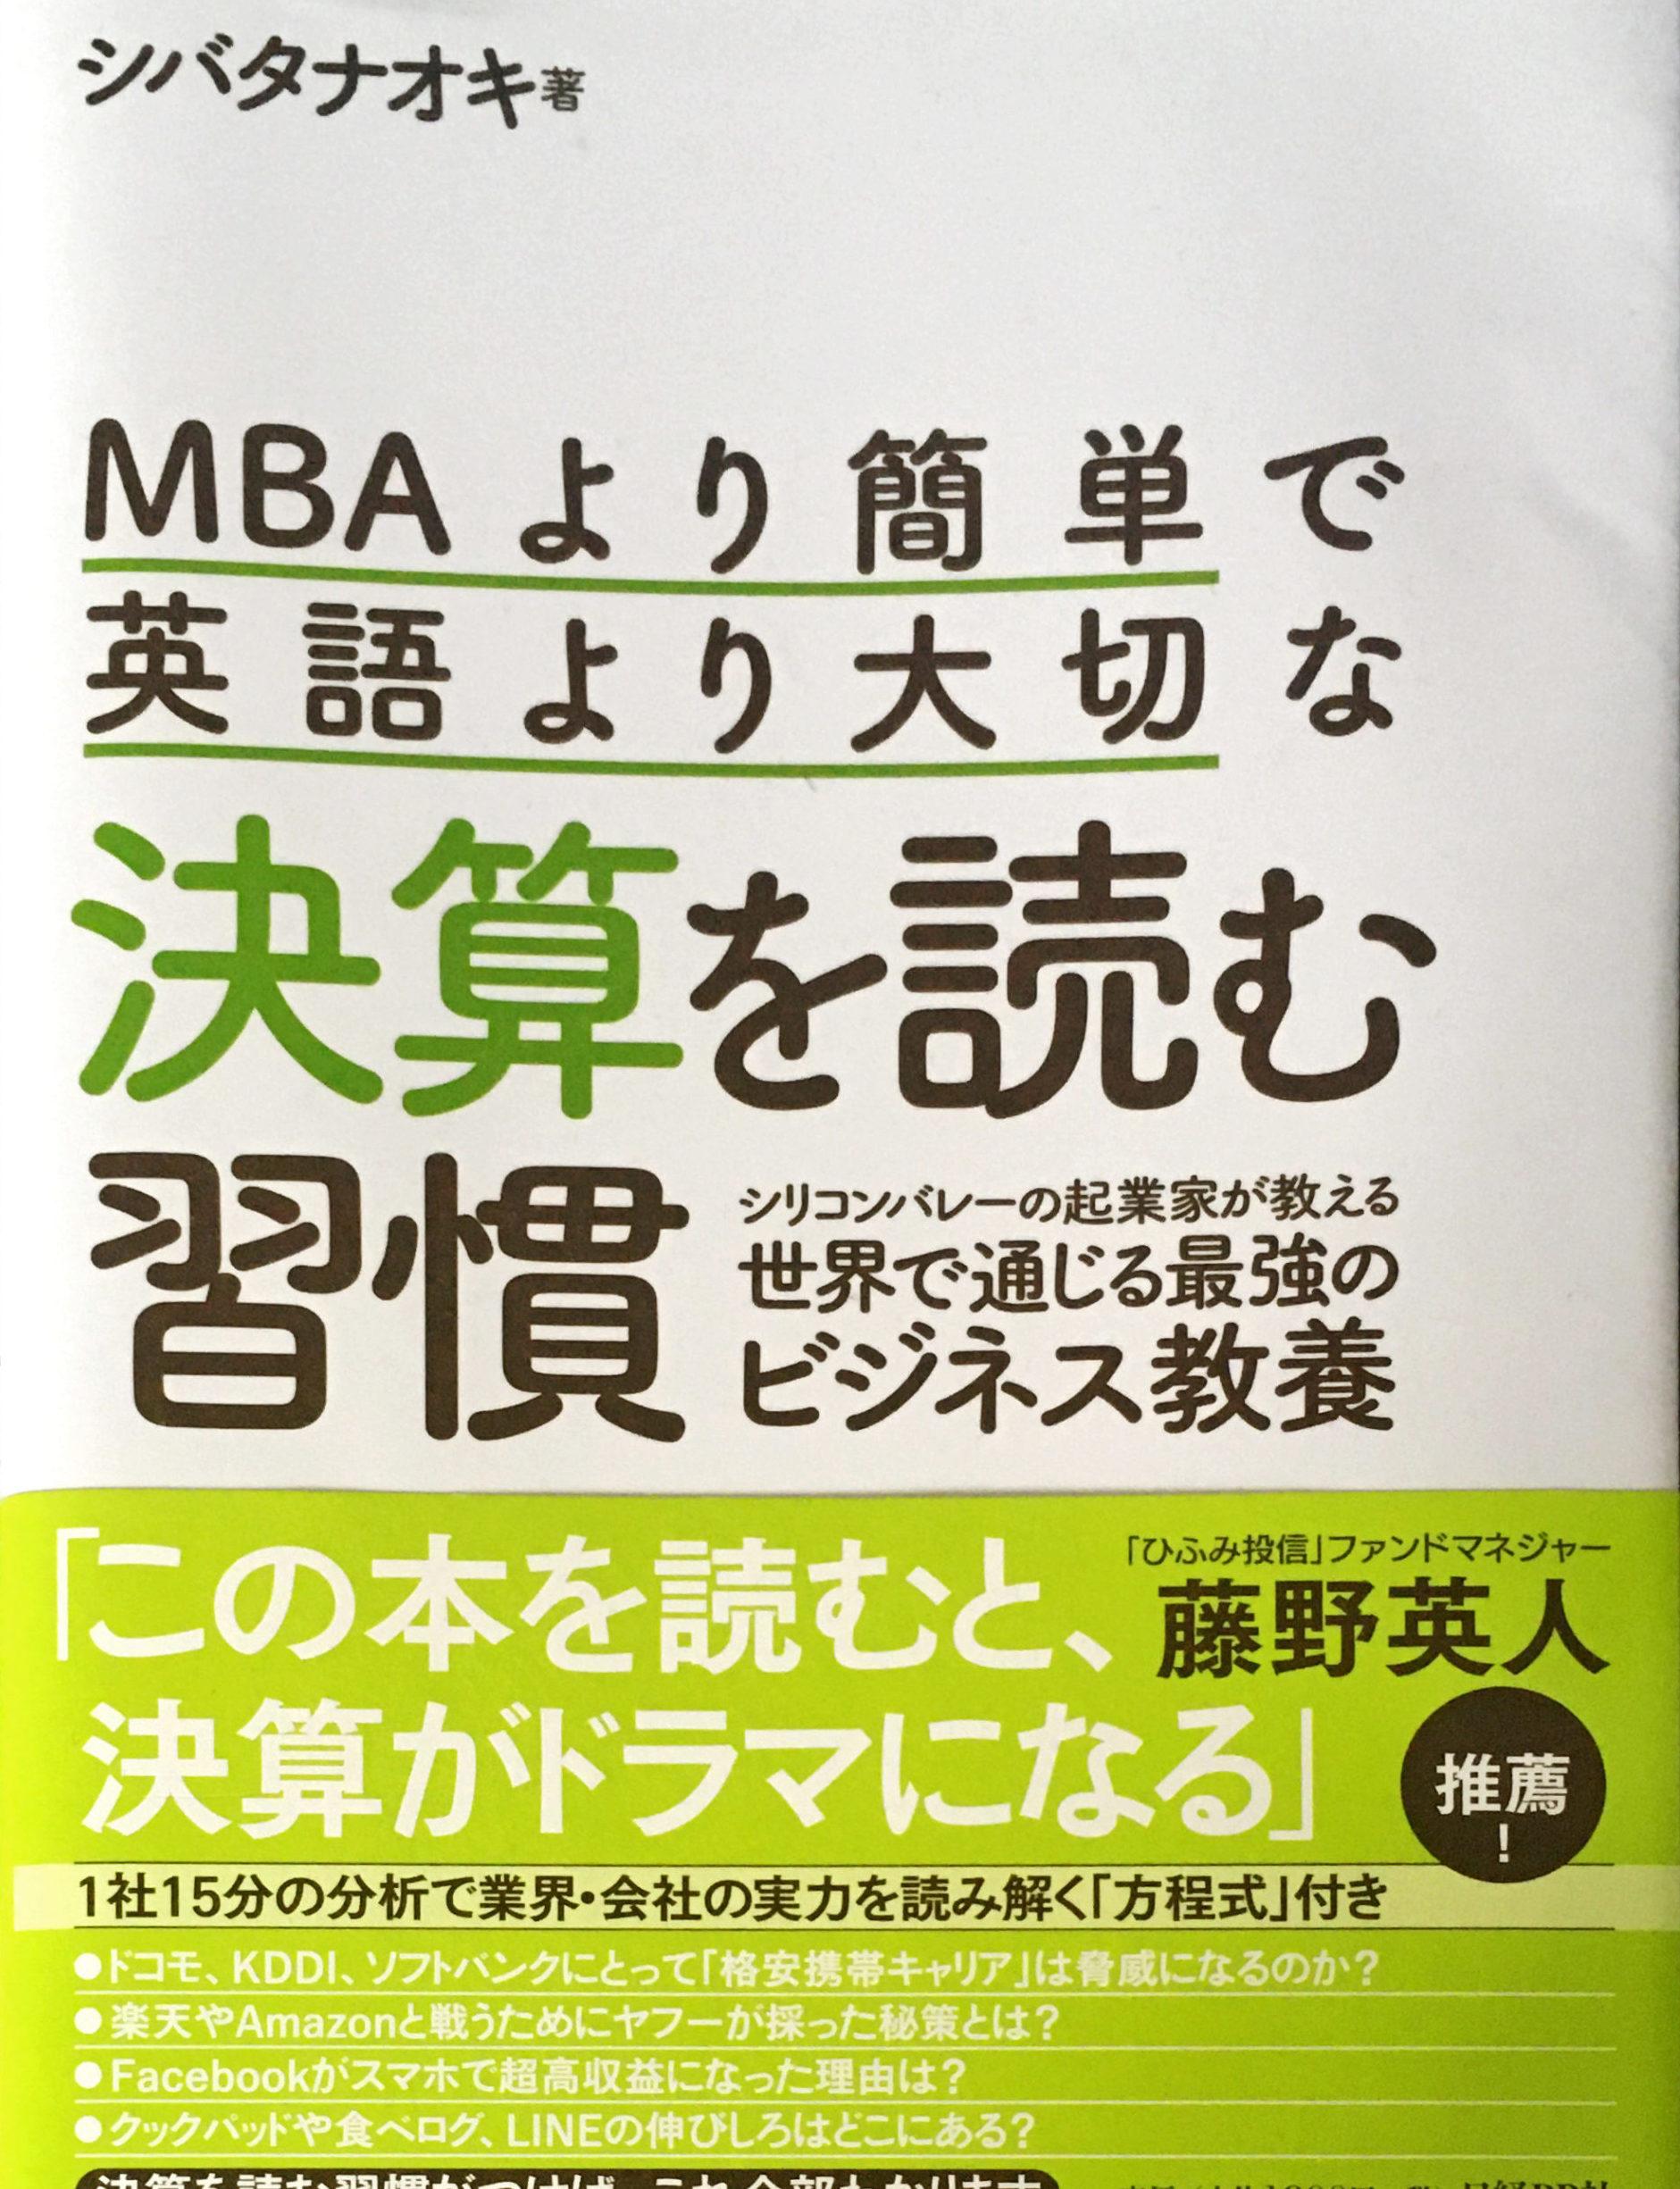 『MBAより簡単で英語より大切な 決算を読む習慣』の表紙画像